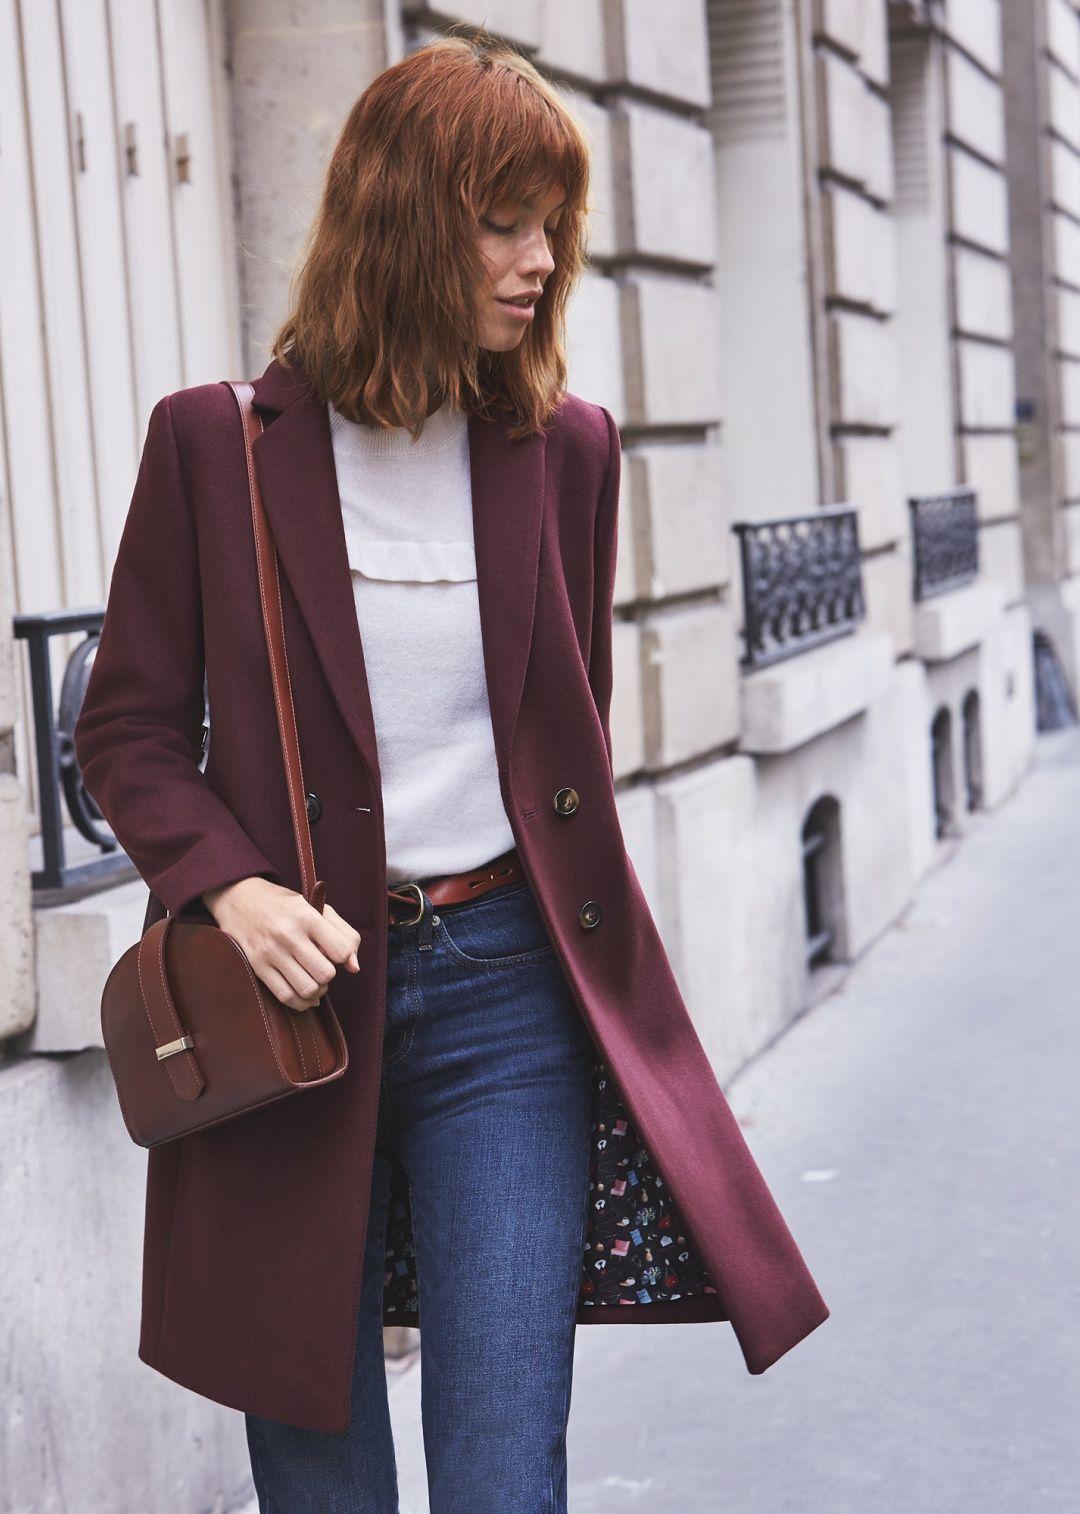 Sézane - Johnson coat - Sézane x Le Bon Marché Rive Gauche